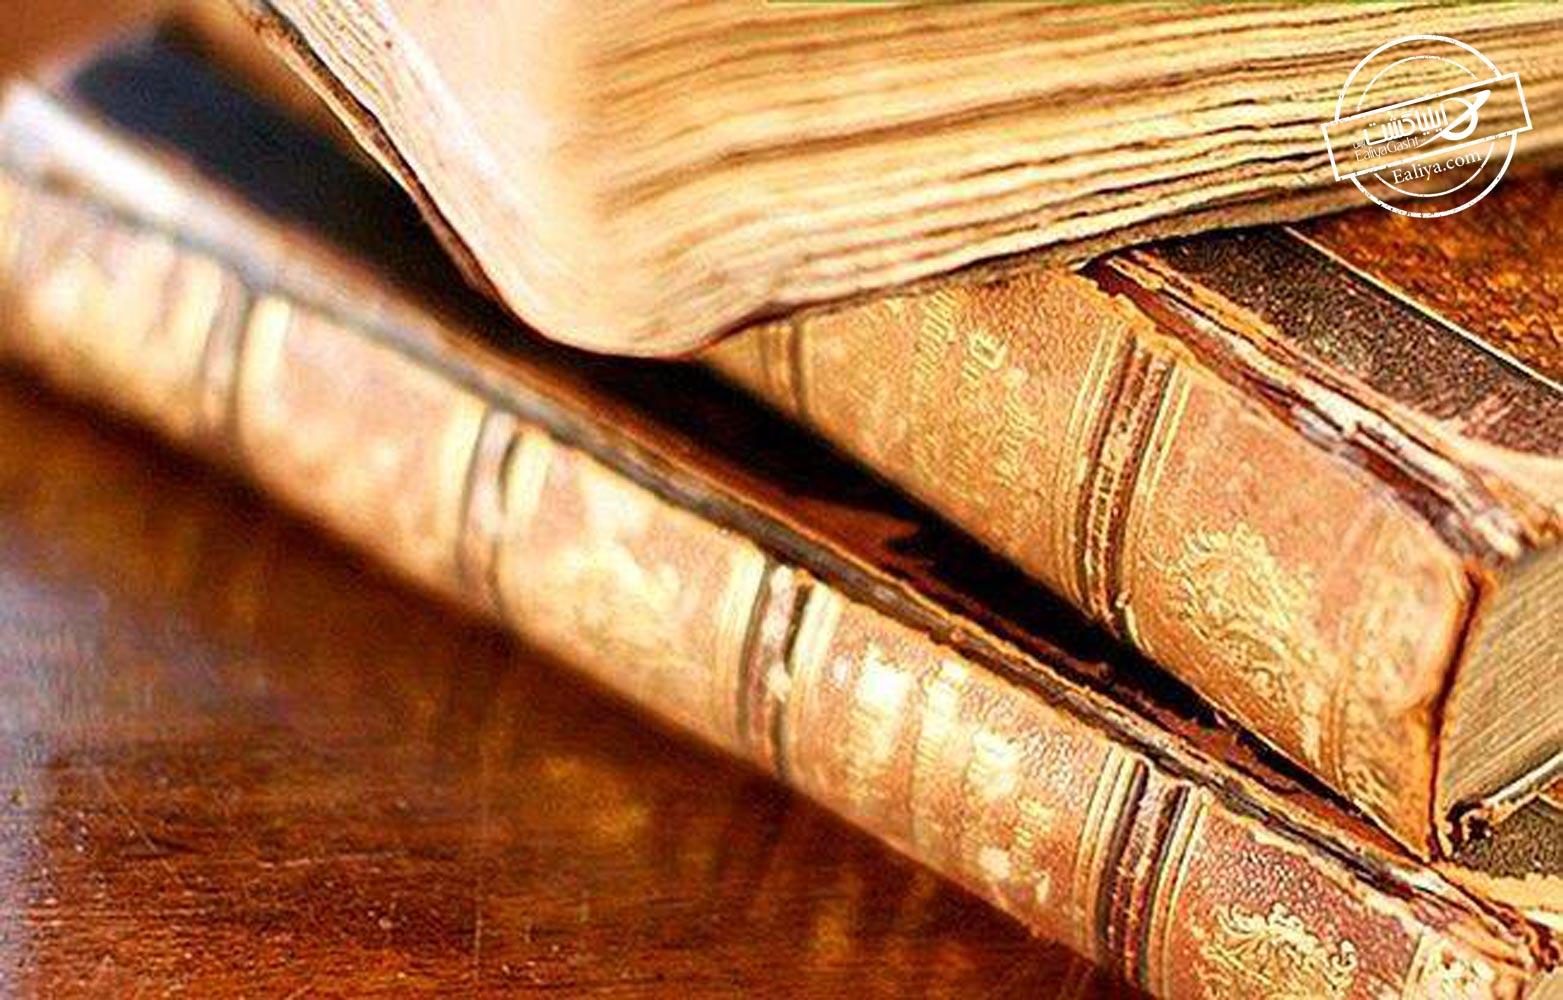 کتابفروشی زینکس اوند سالزبورگ